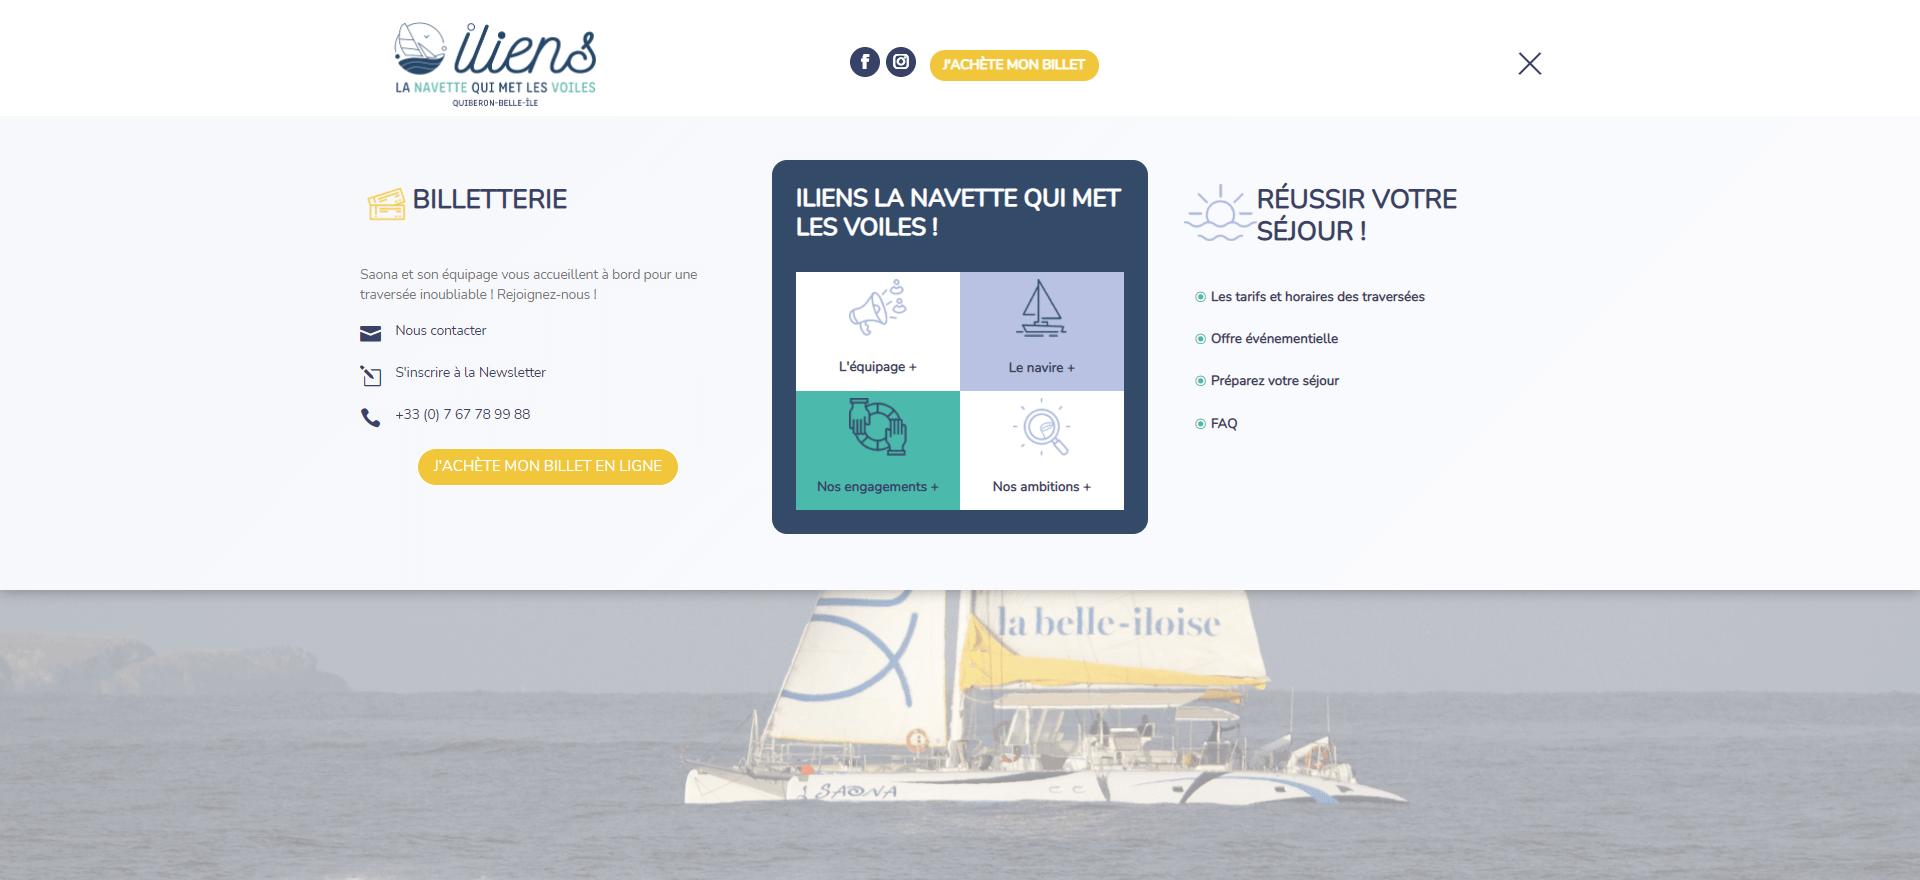 menu-site-iliens